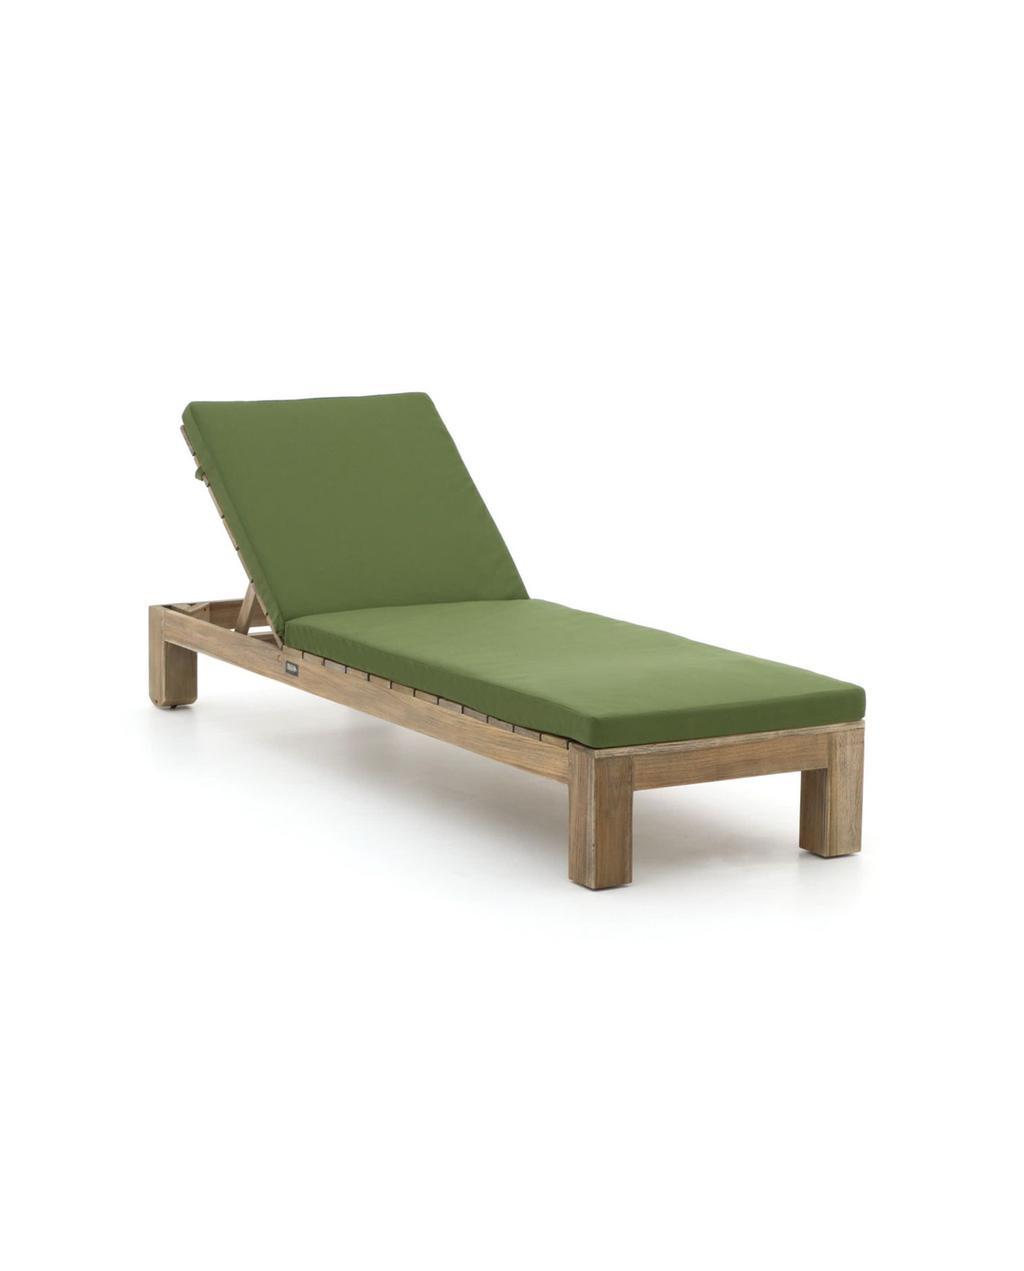 vtwonen juli 2021 | houten ligstoel met groene kussens